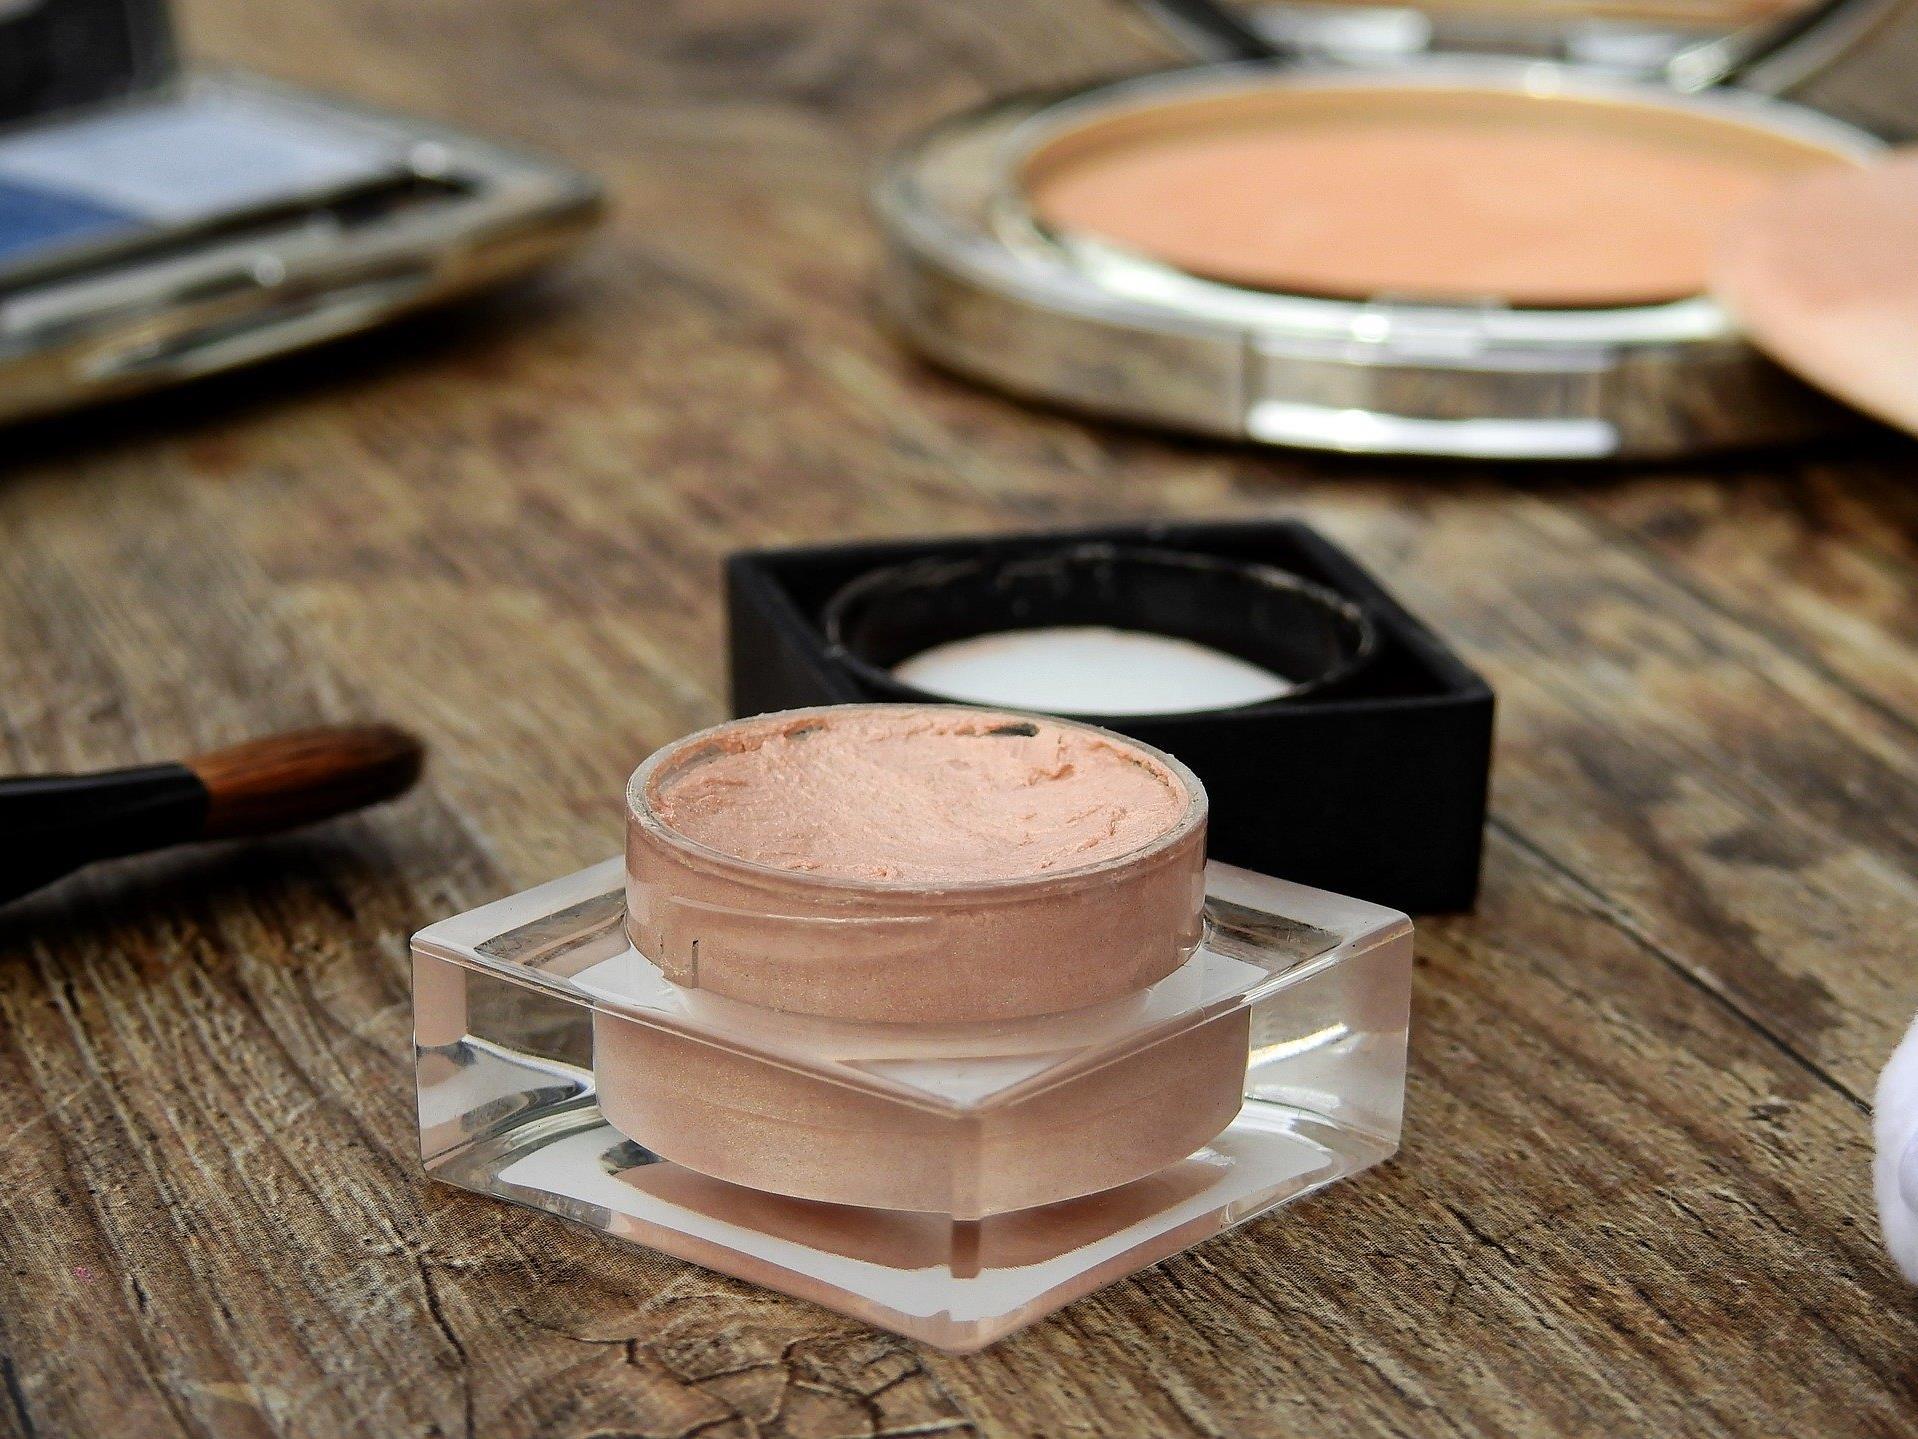 In Kosmetik-Produkte können gefährliche, manchmal sogar krebserregende, Stoffe enthalten sein.